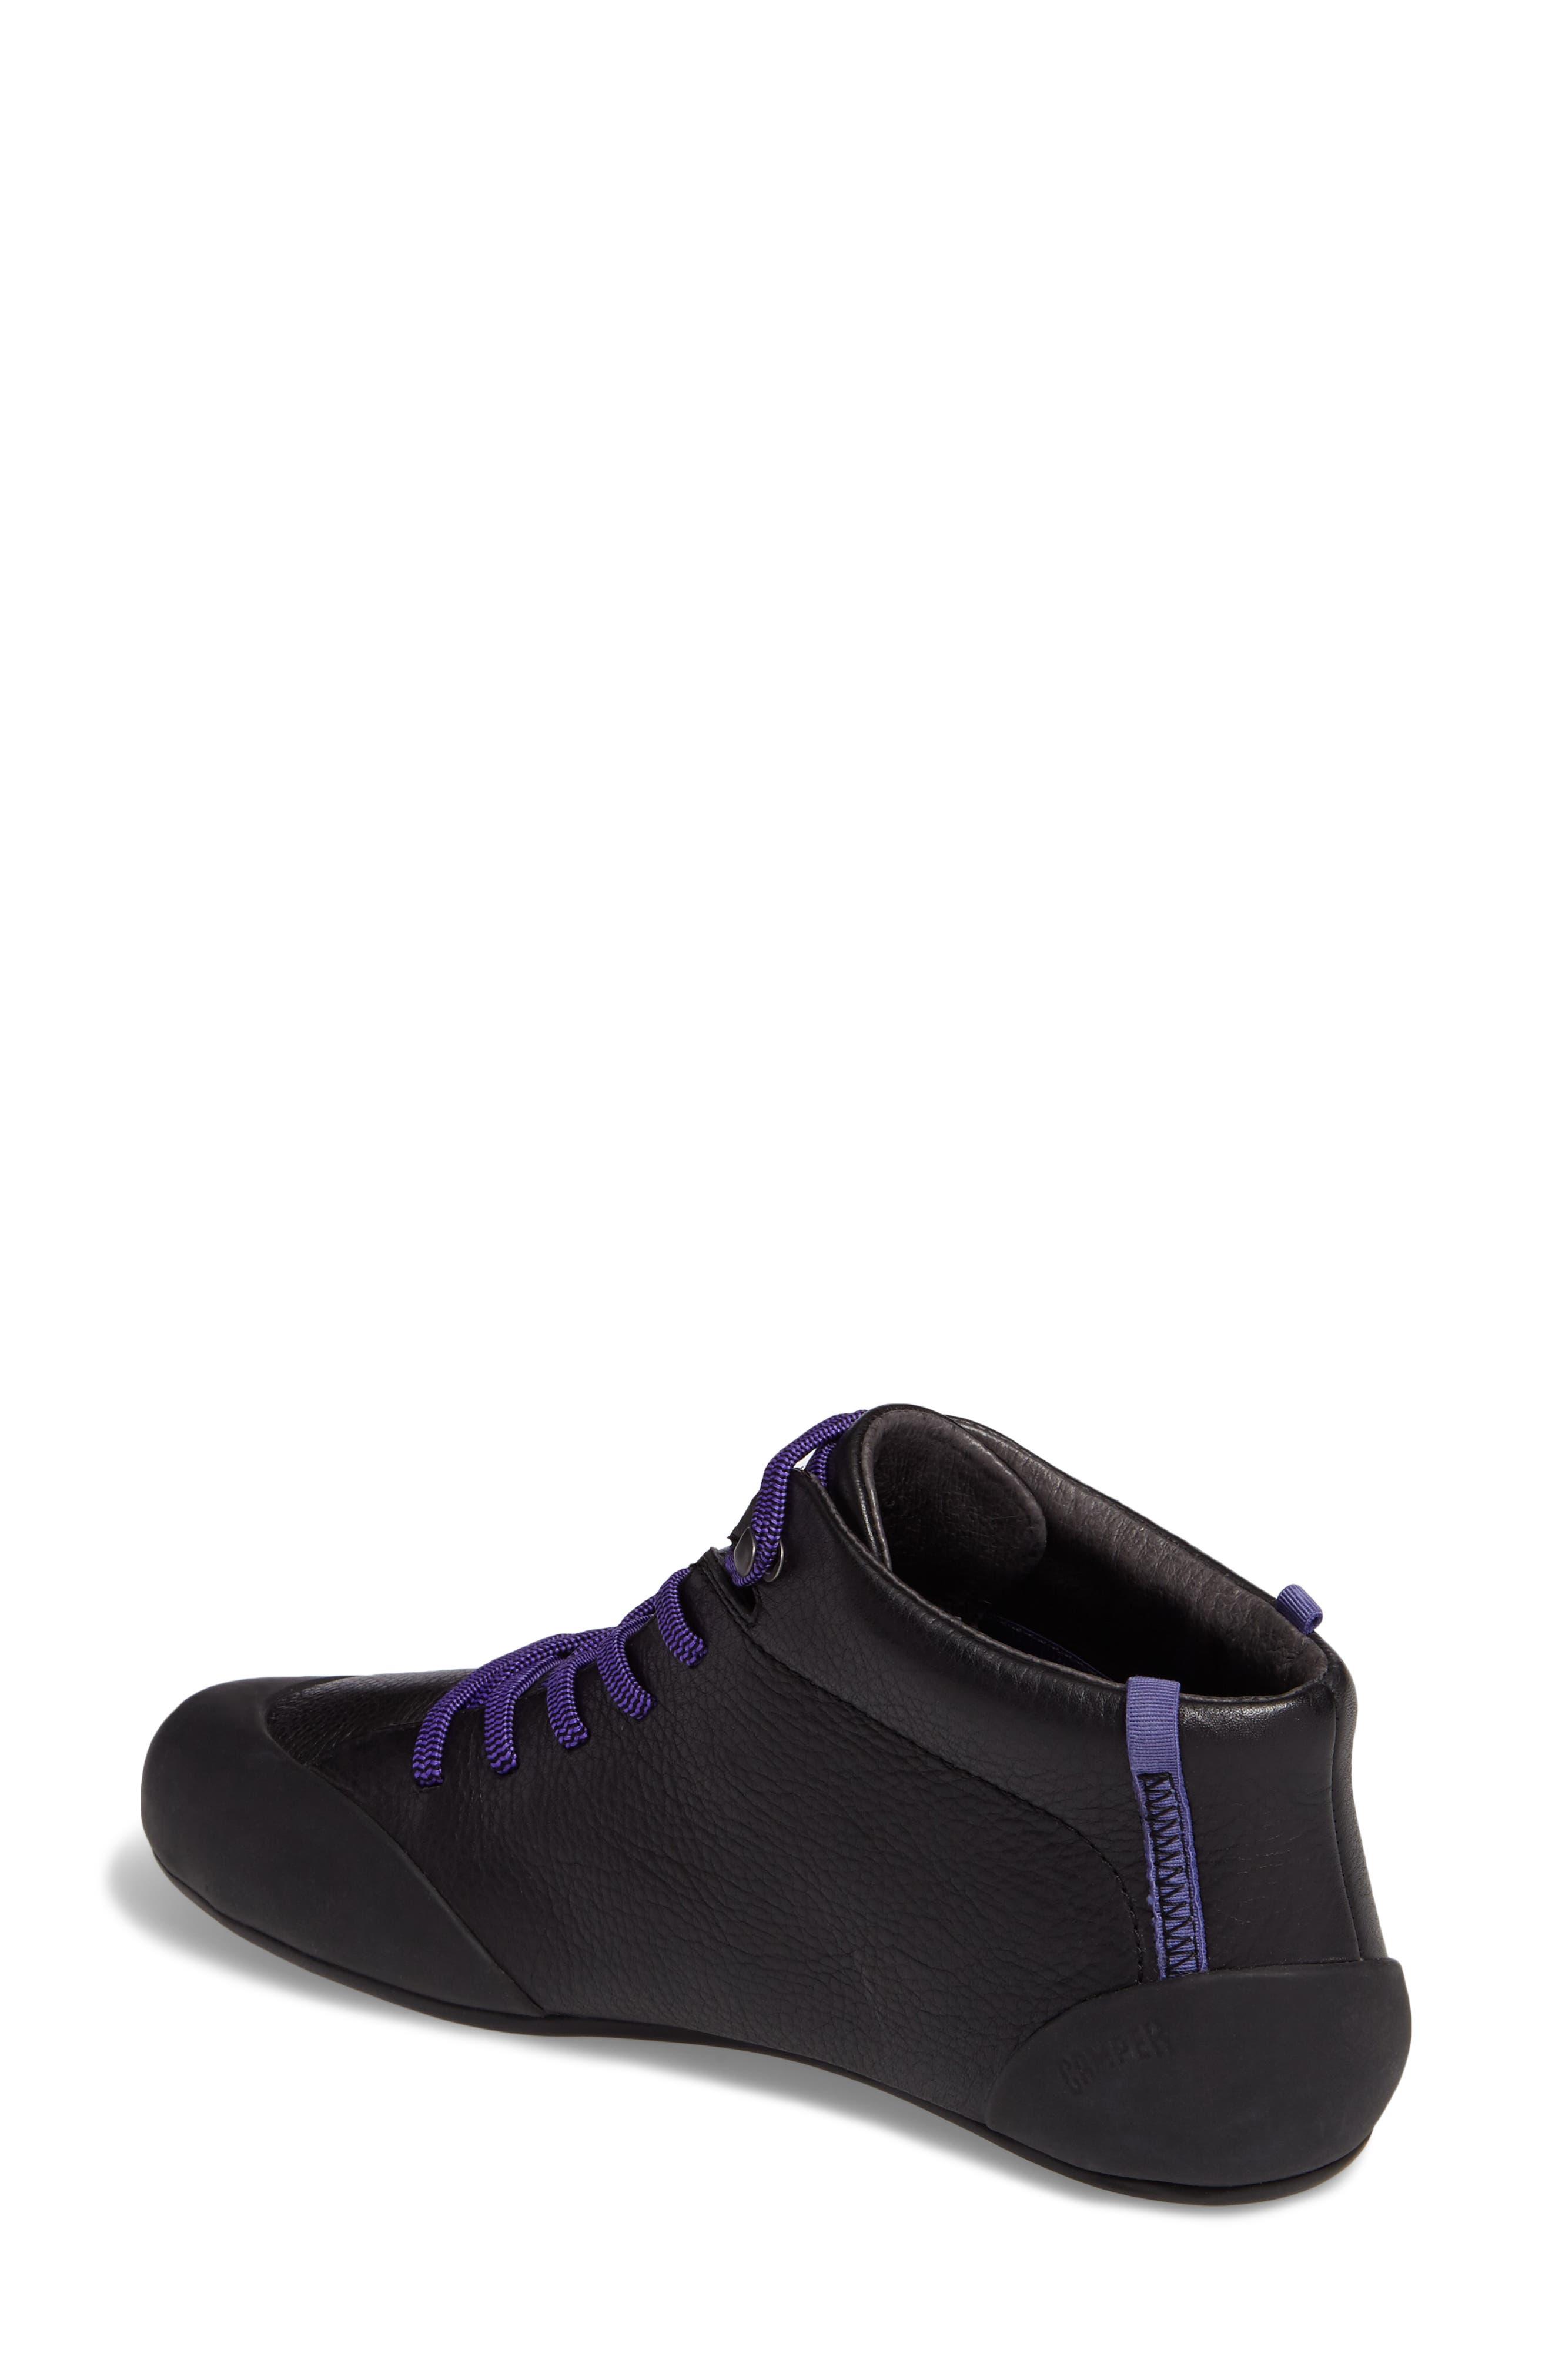 Peu Senda Sneaker,                             Alternate thumbnail 2, color,                             001